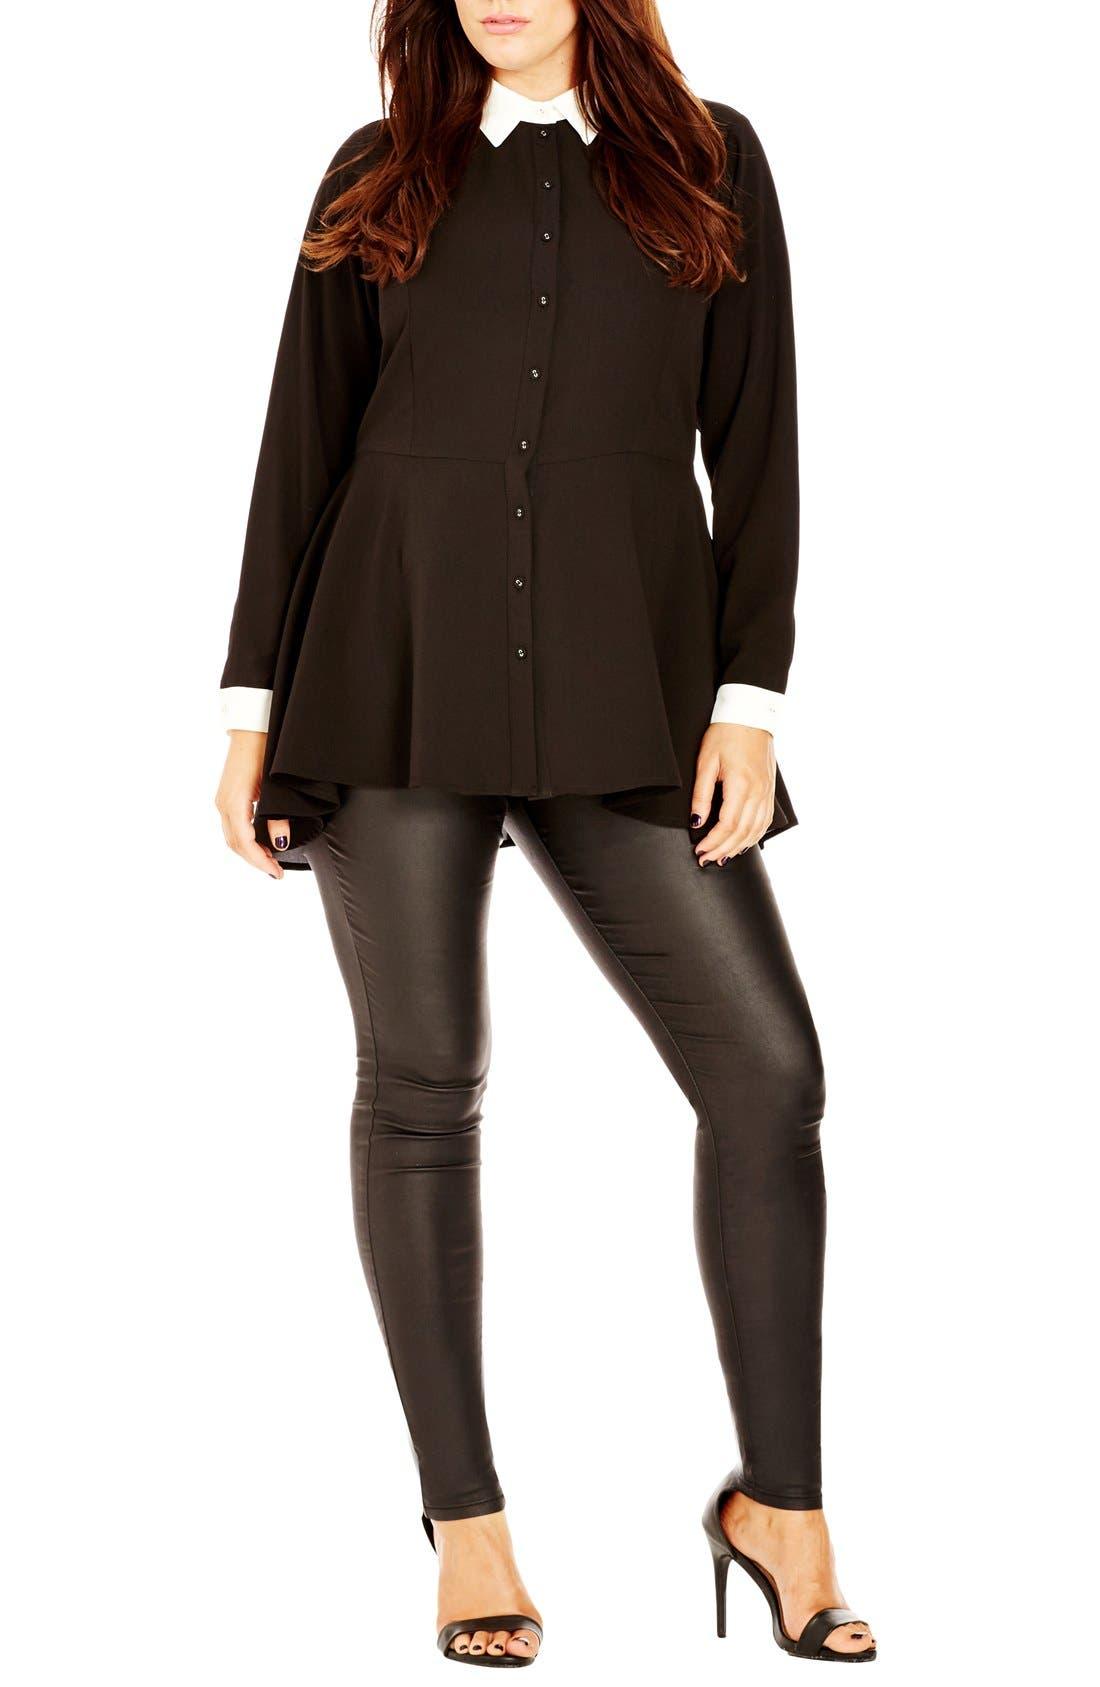 Contrast Trim Fit & Flare Shirt,                         Main,                         color, 001